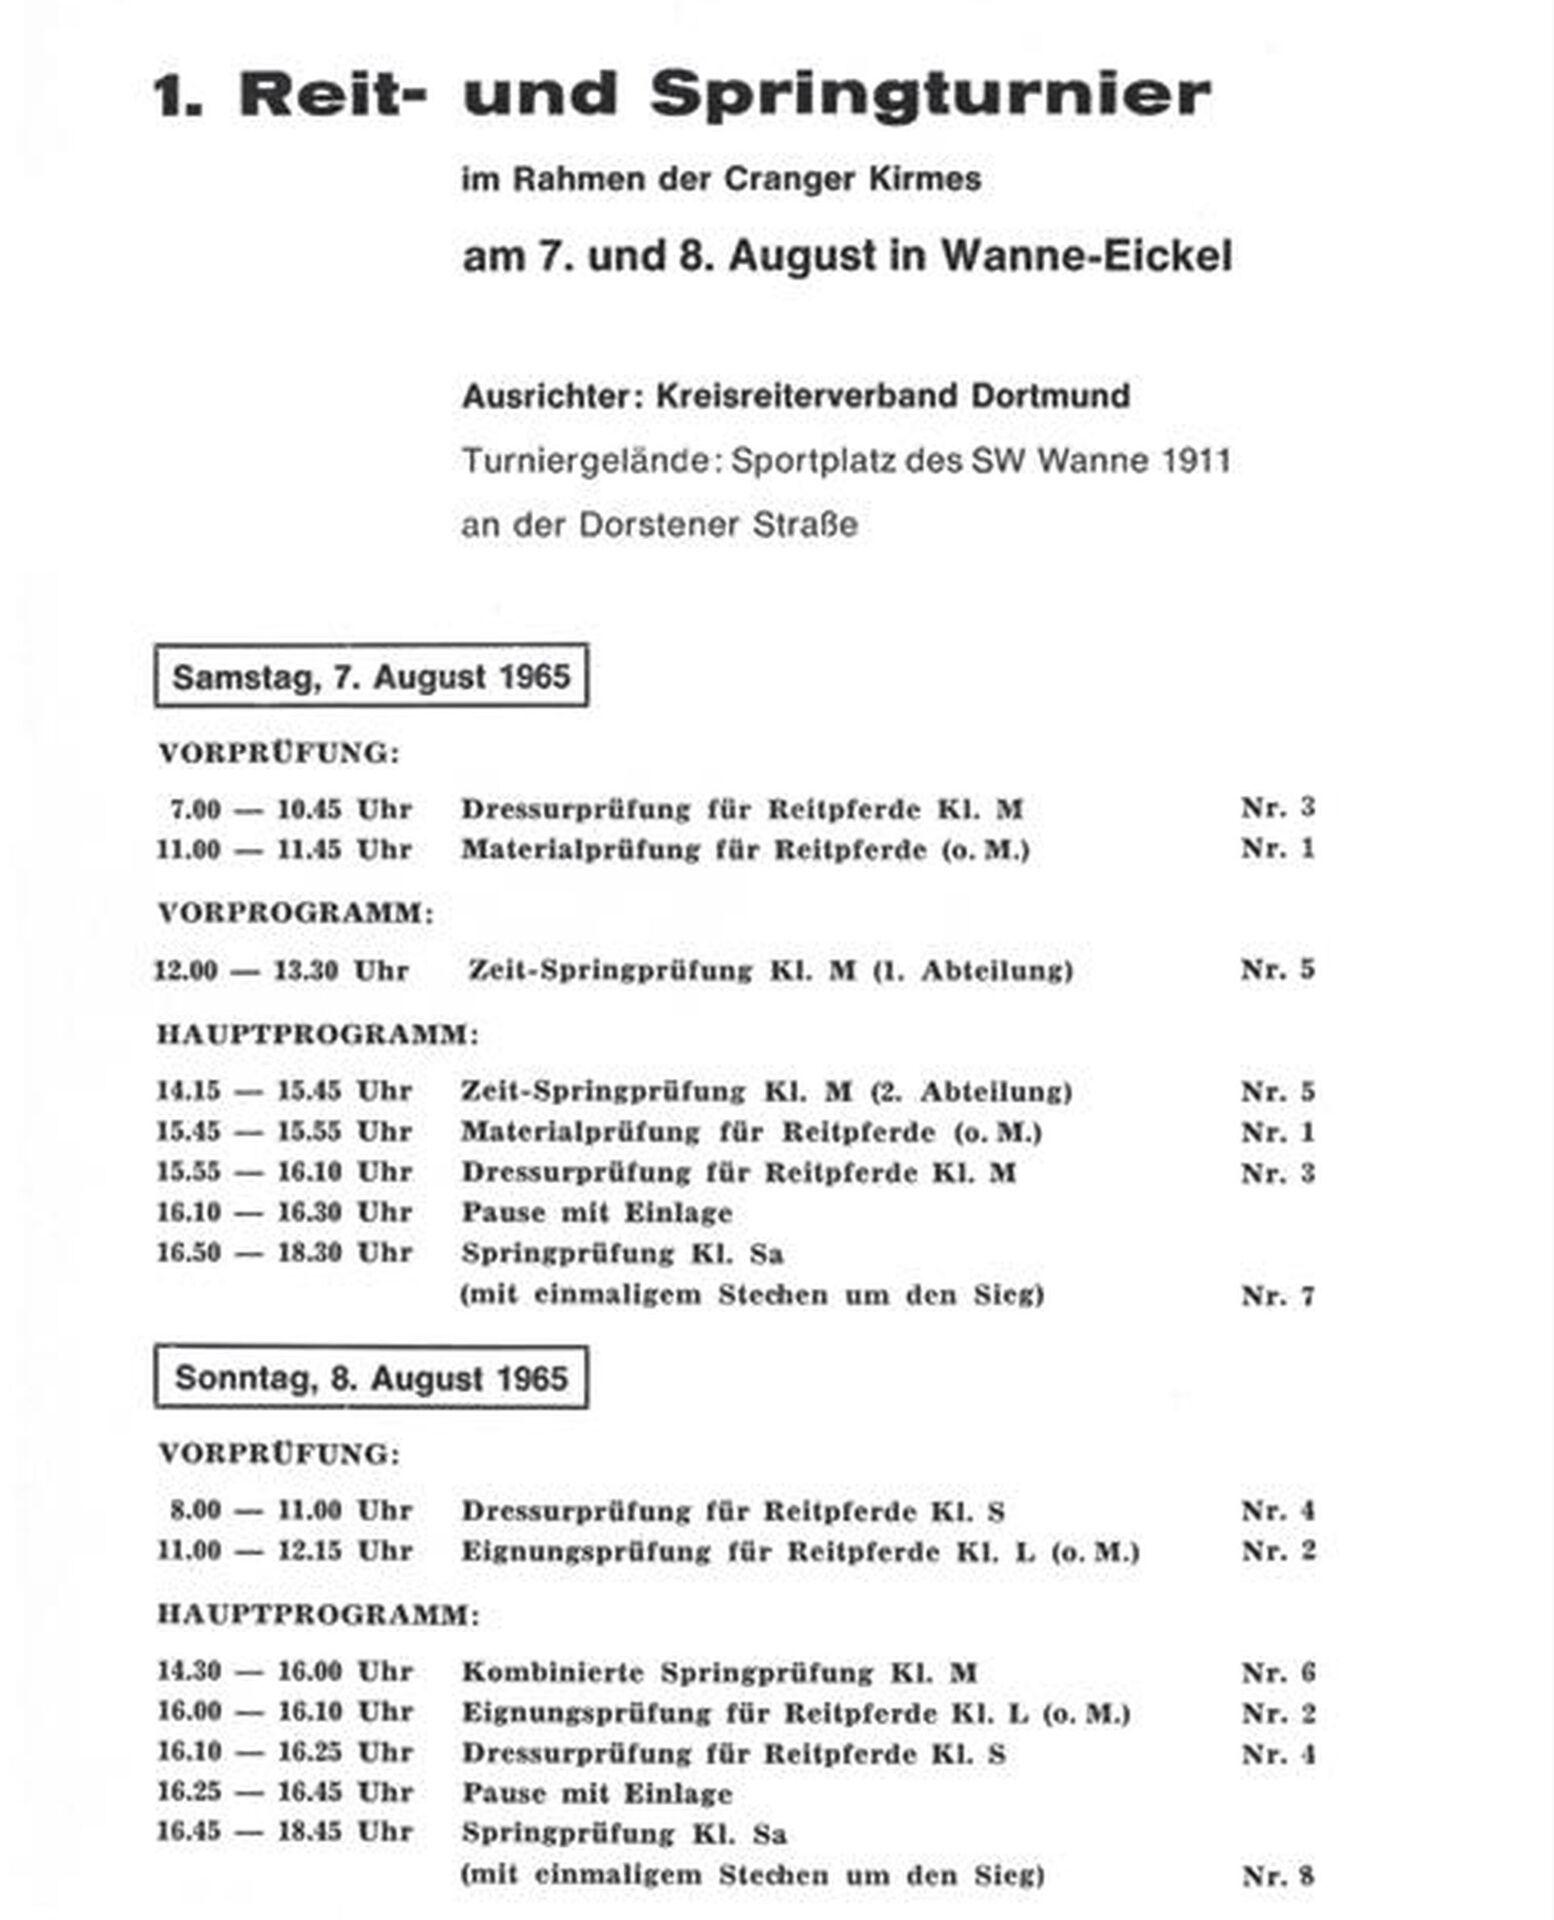 Programm des 1. Reit- und Springturniers im Rahmen der Cranger Kirmes 1965.jpg